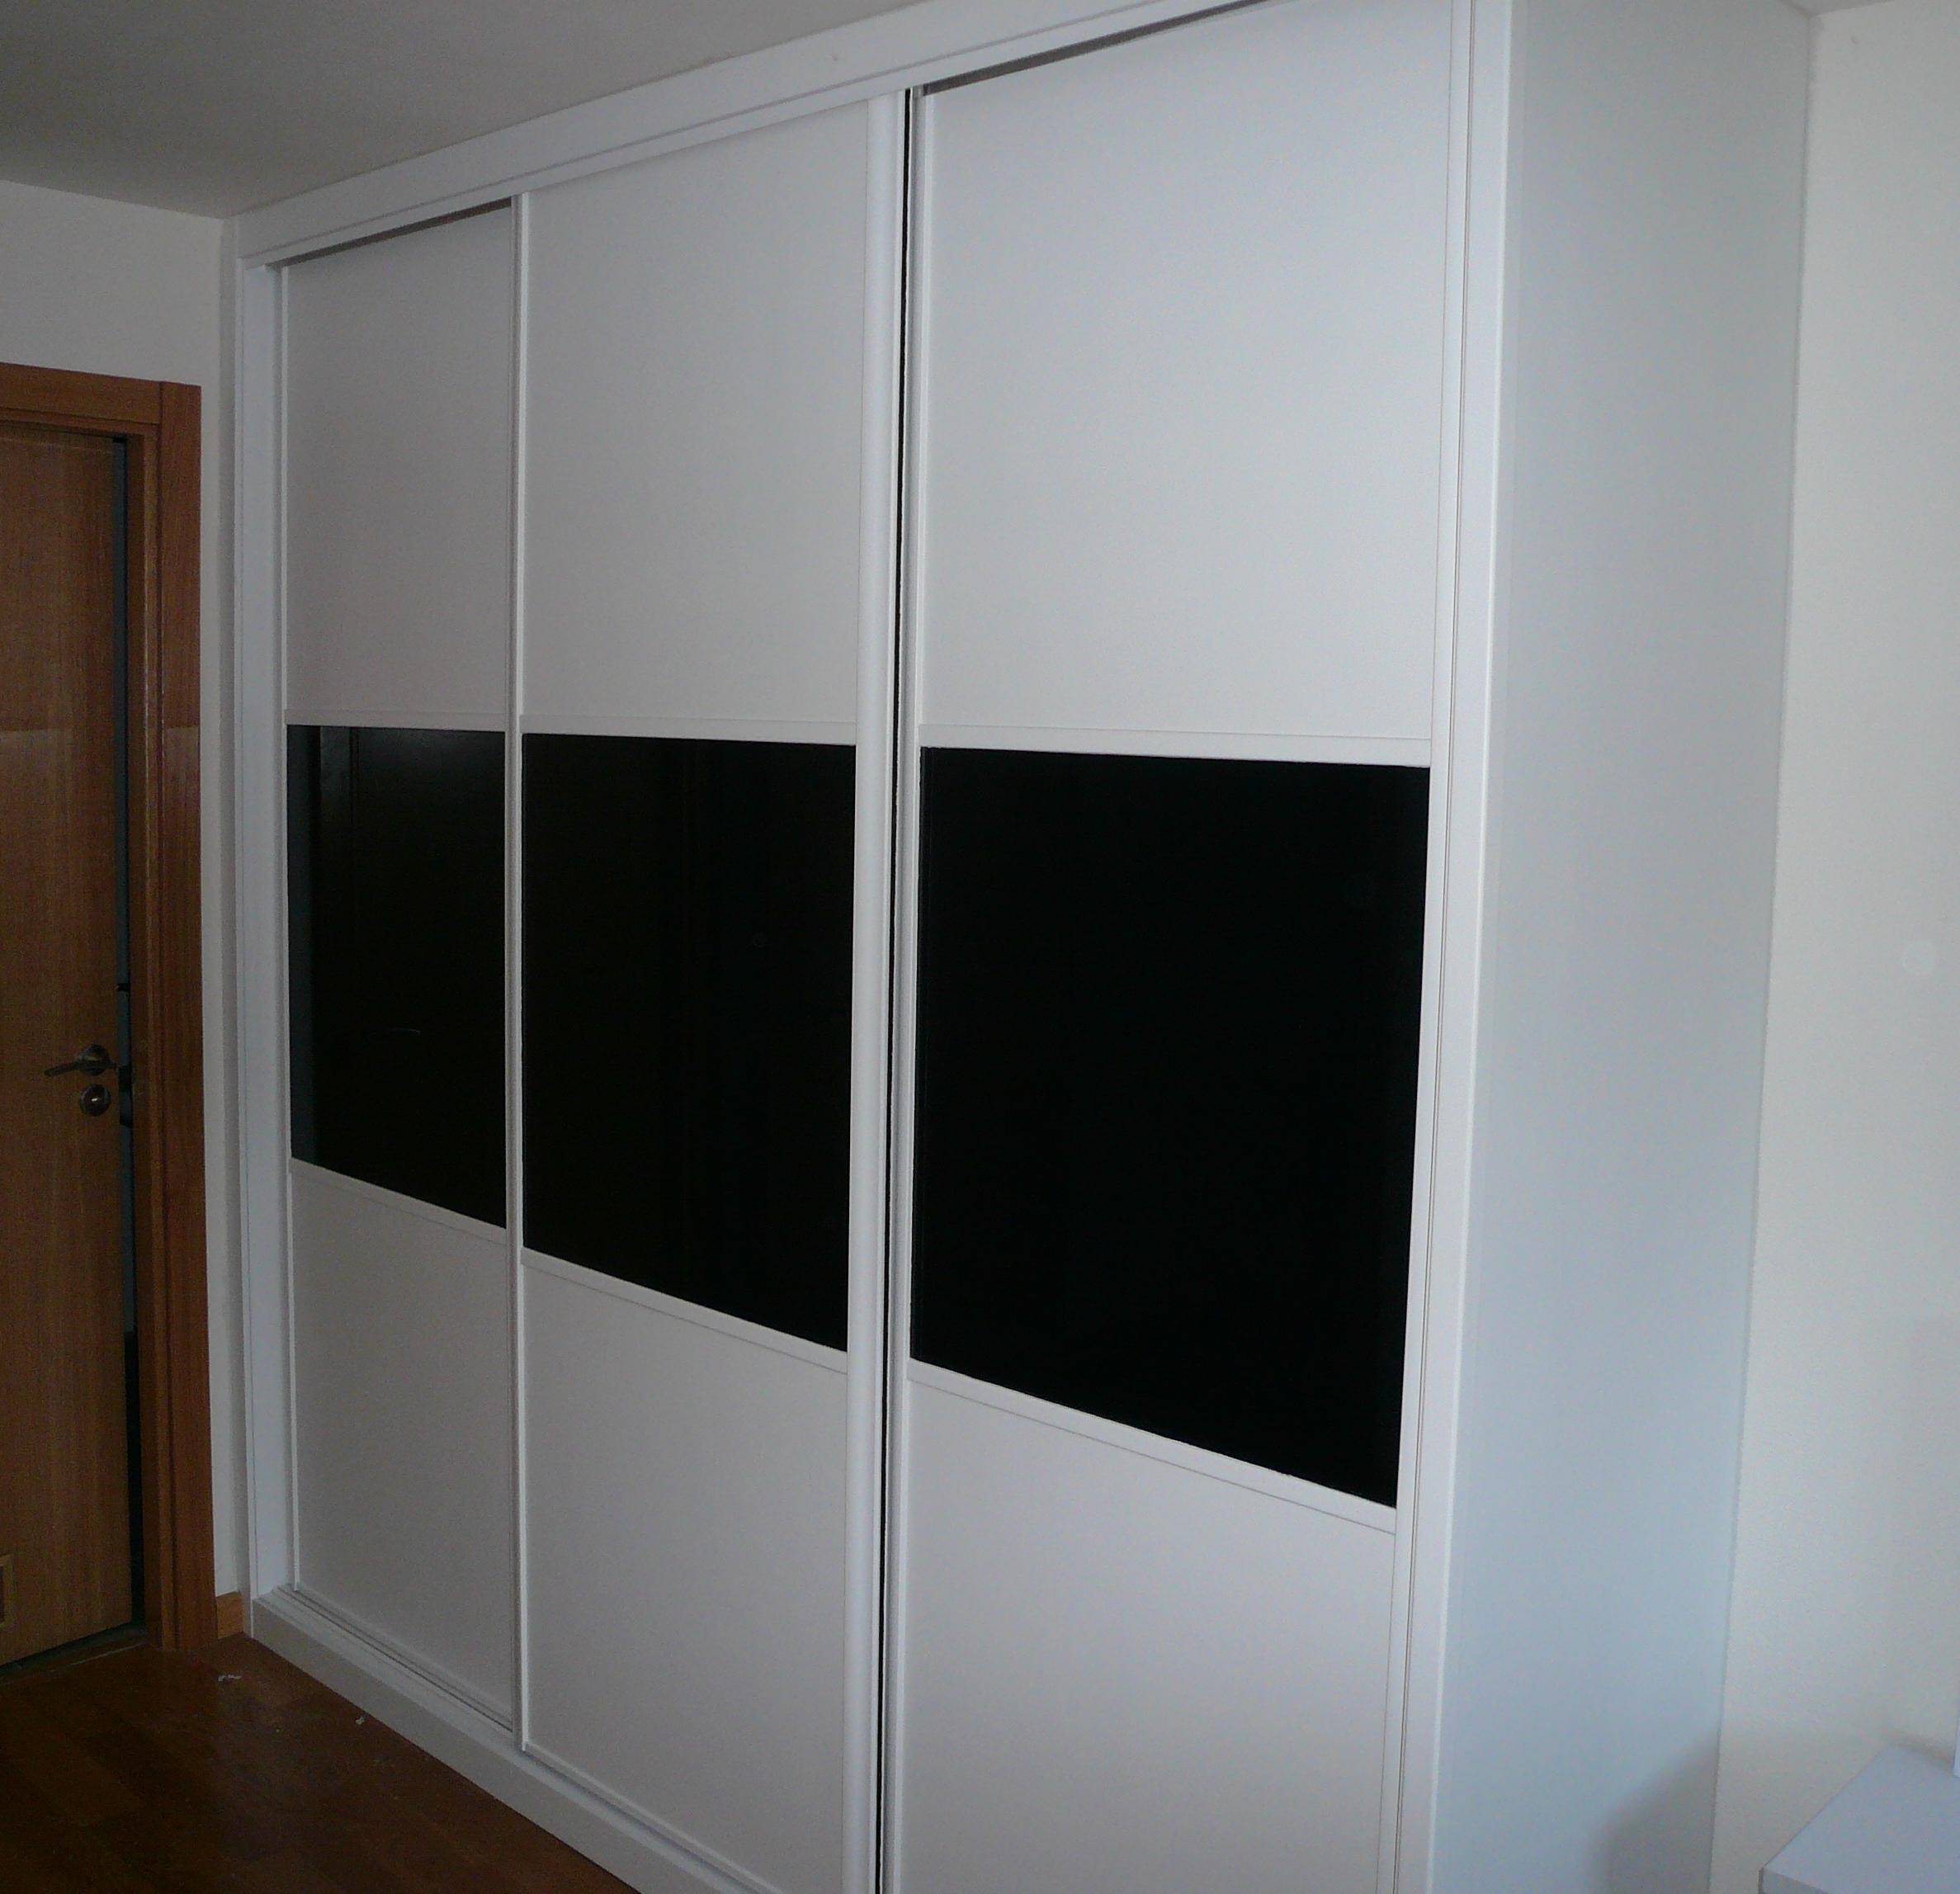 Armario blanco con puertas correderas carpinter a en - Armarios empotrados pamplona ...